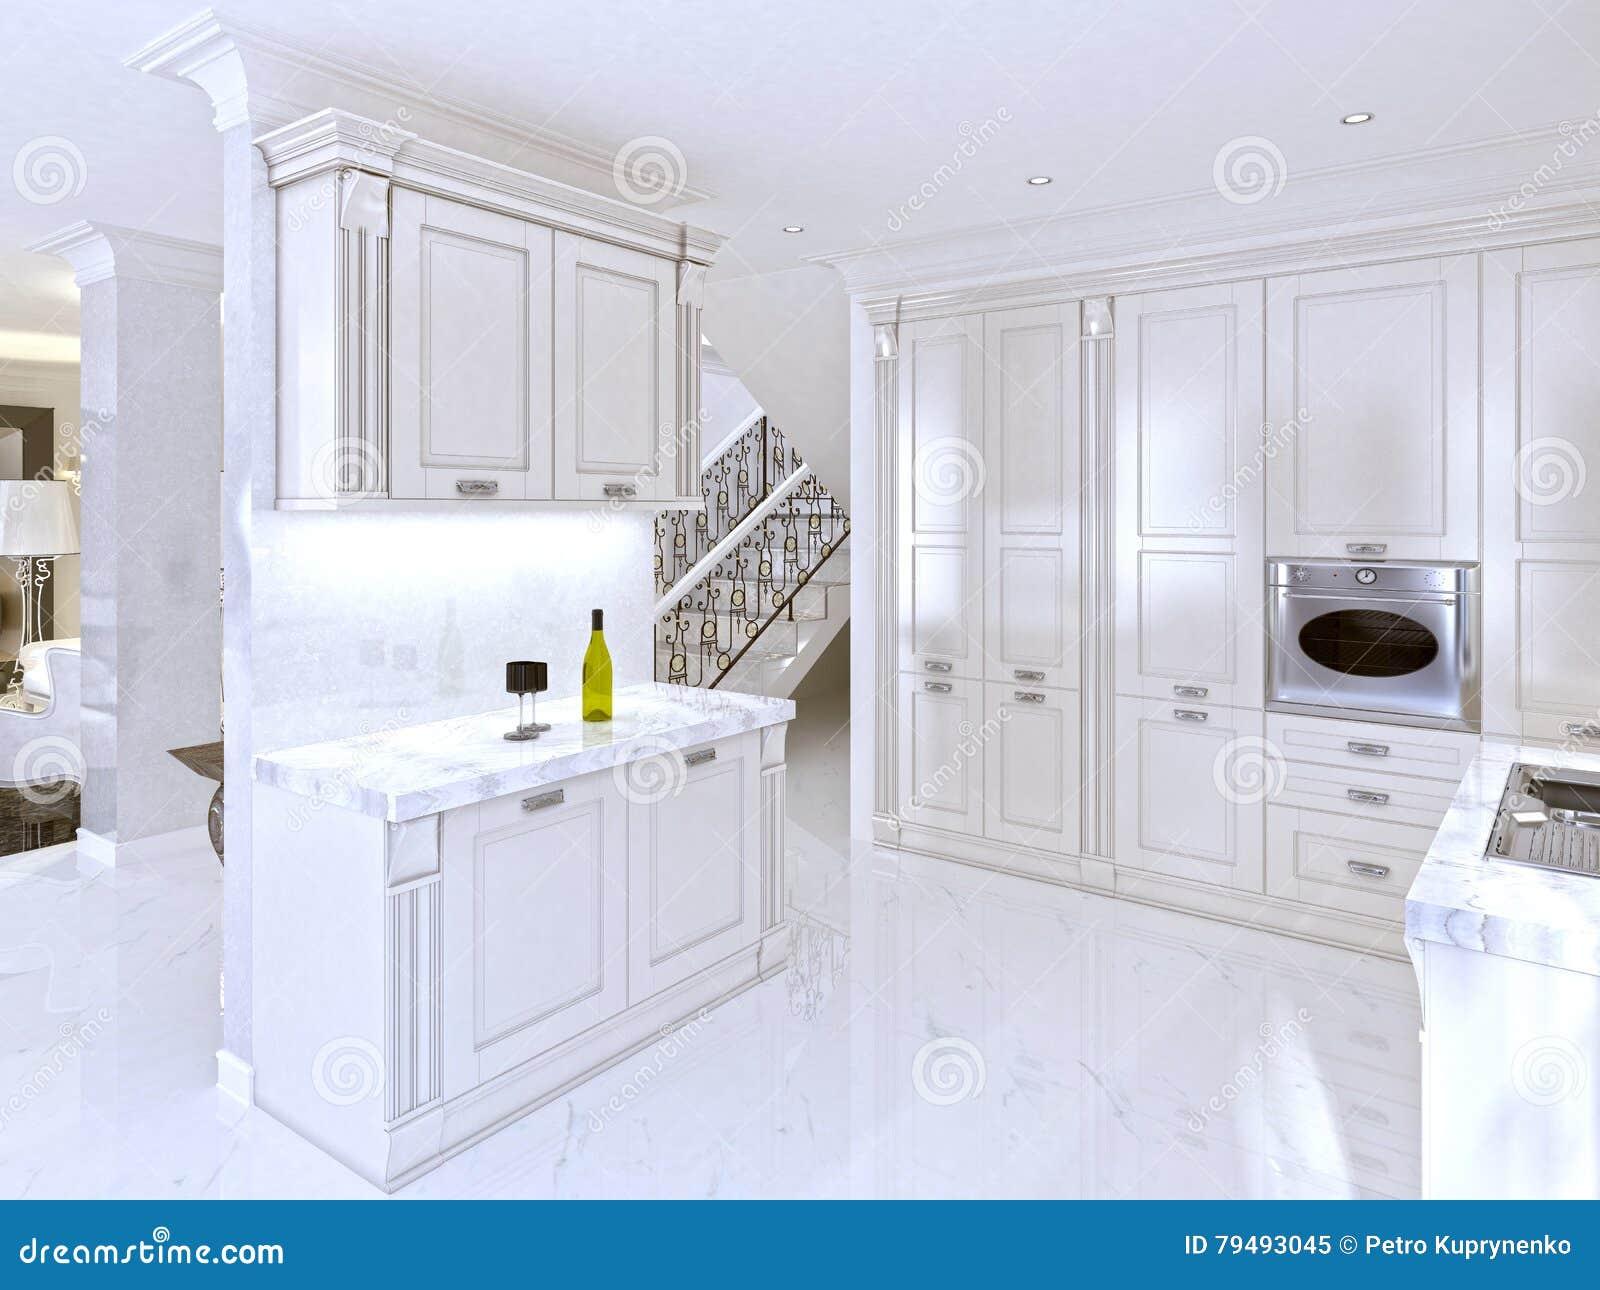 Ruime witte keuken in de art decostijl stock illustratie